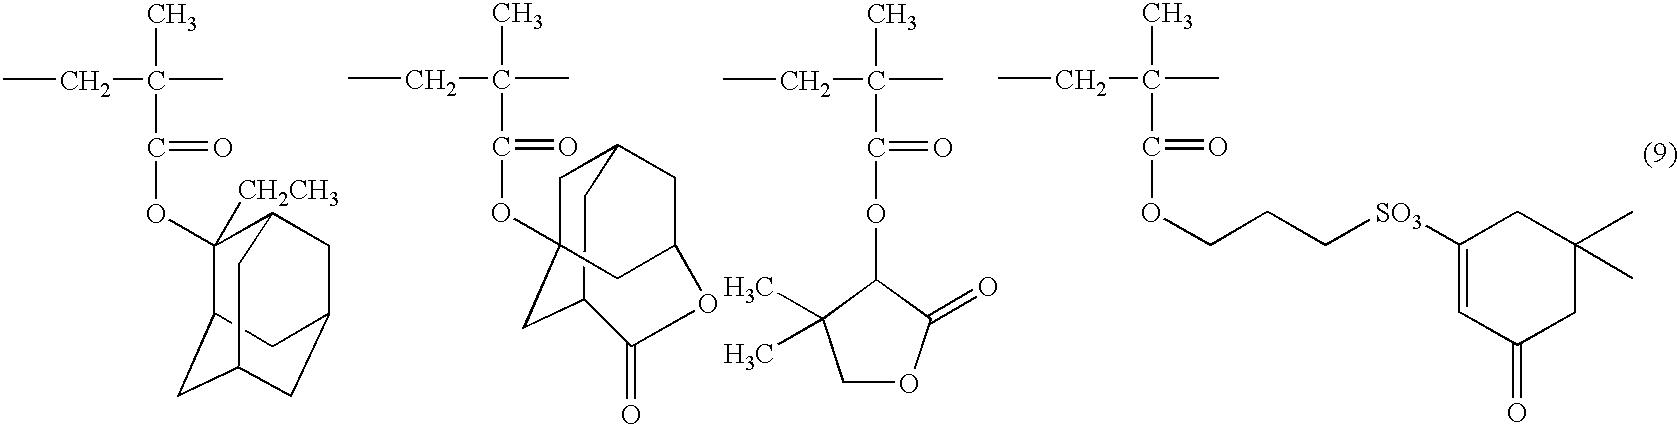 Figure US20030186161A1-20031002-C00127